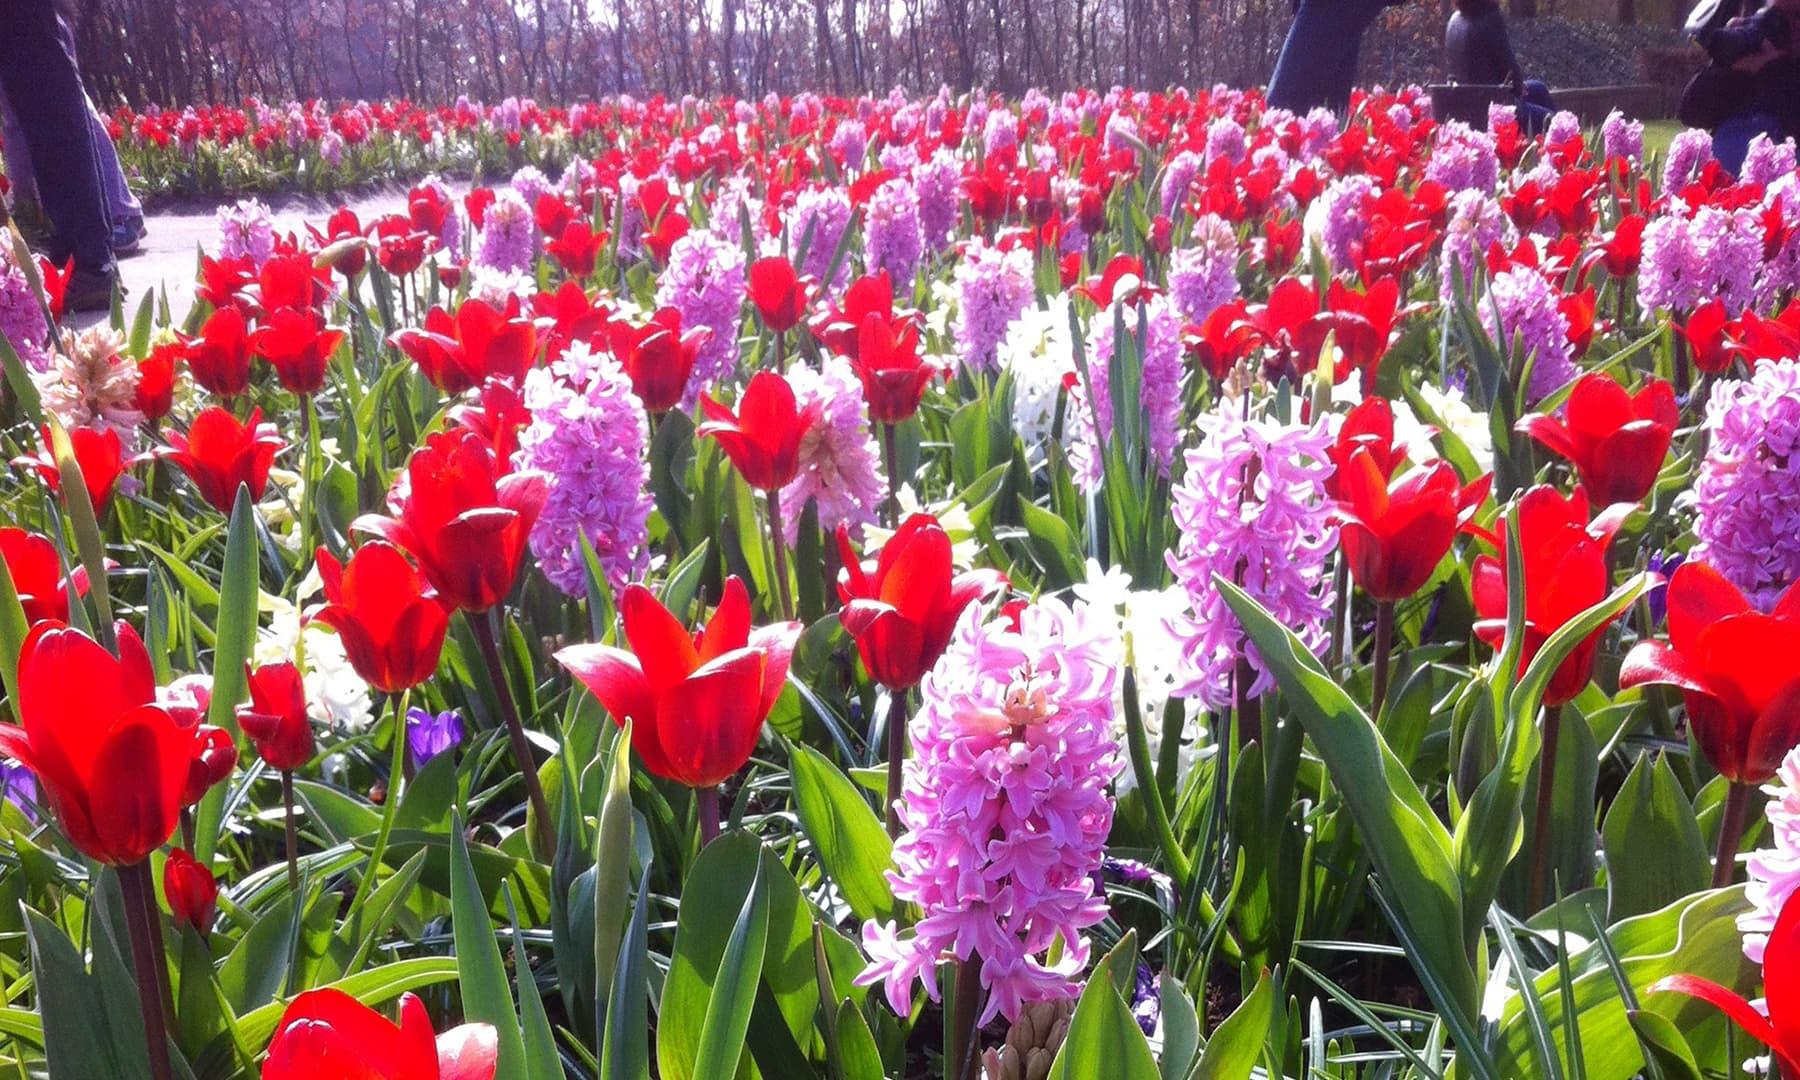 ہالینڈ بیجوں، درختوں، پودوں اور پھولوں کا دنیا میں سب سے بڑا برآمد کنندہ ہے